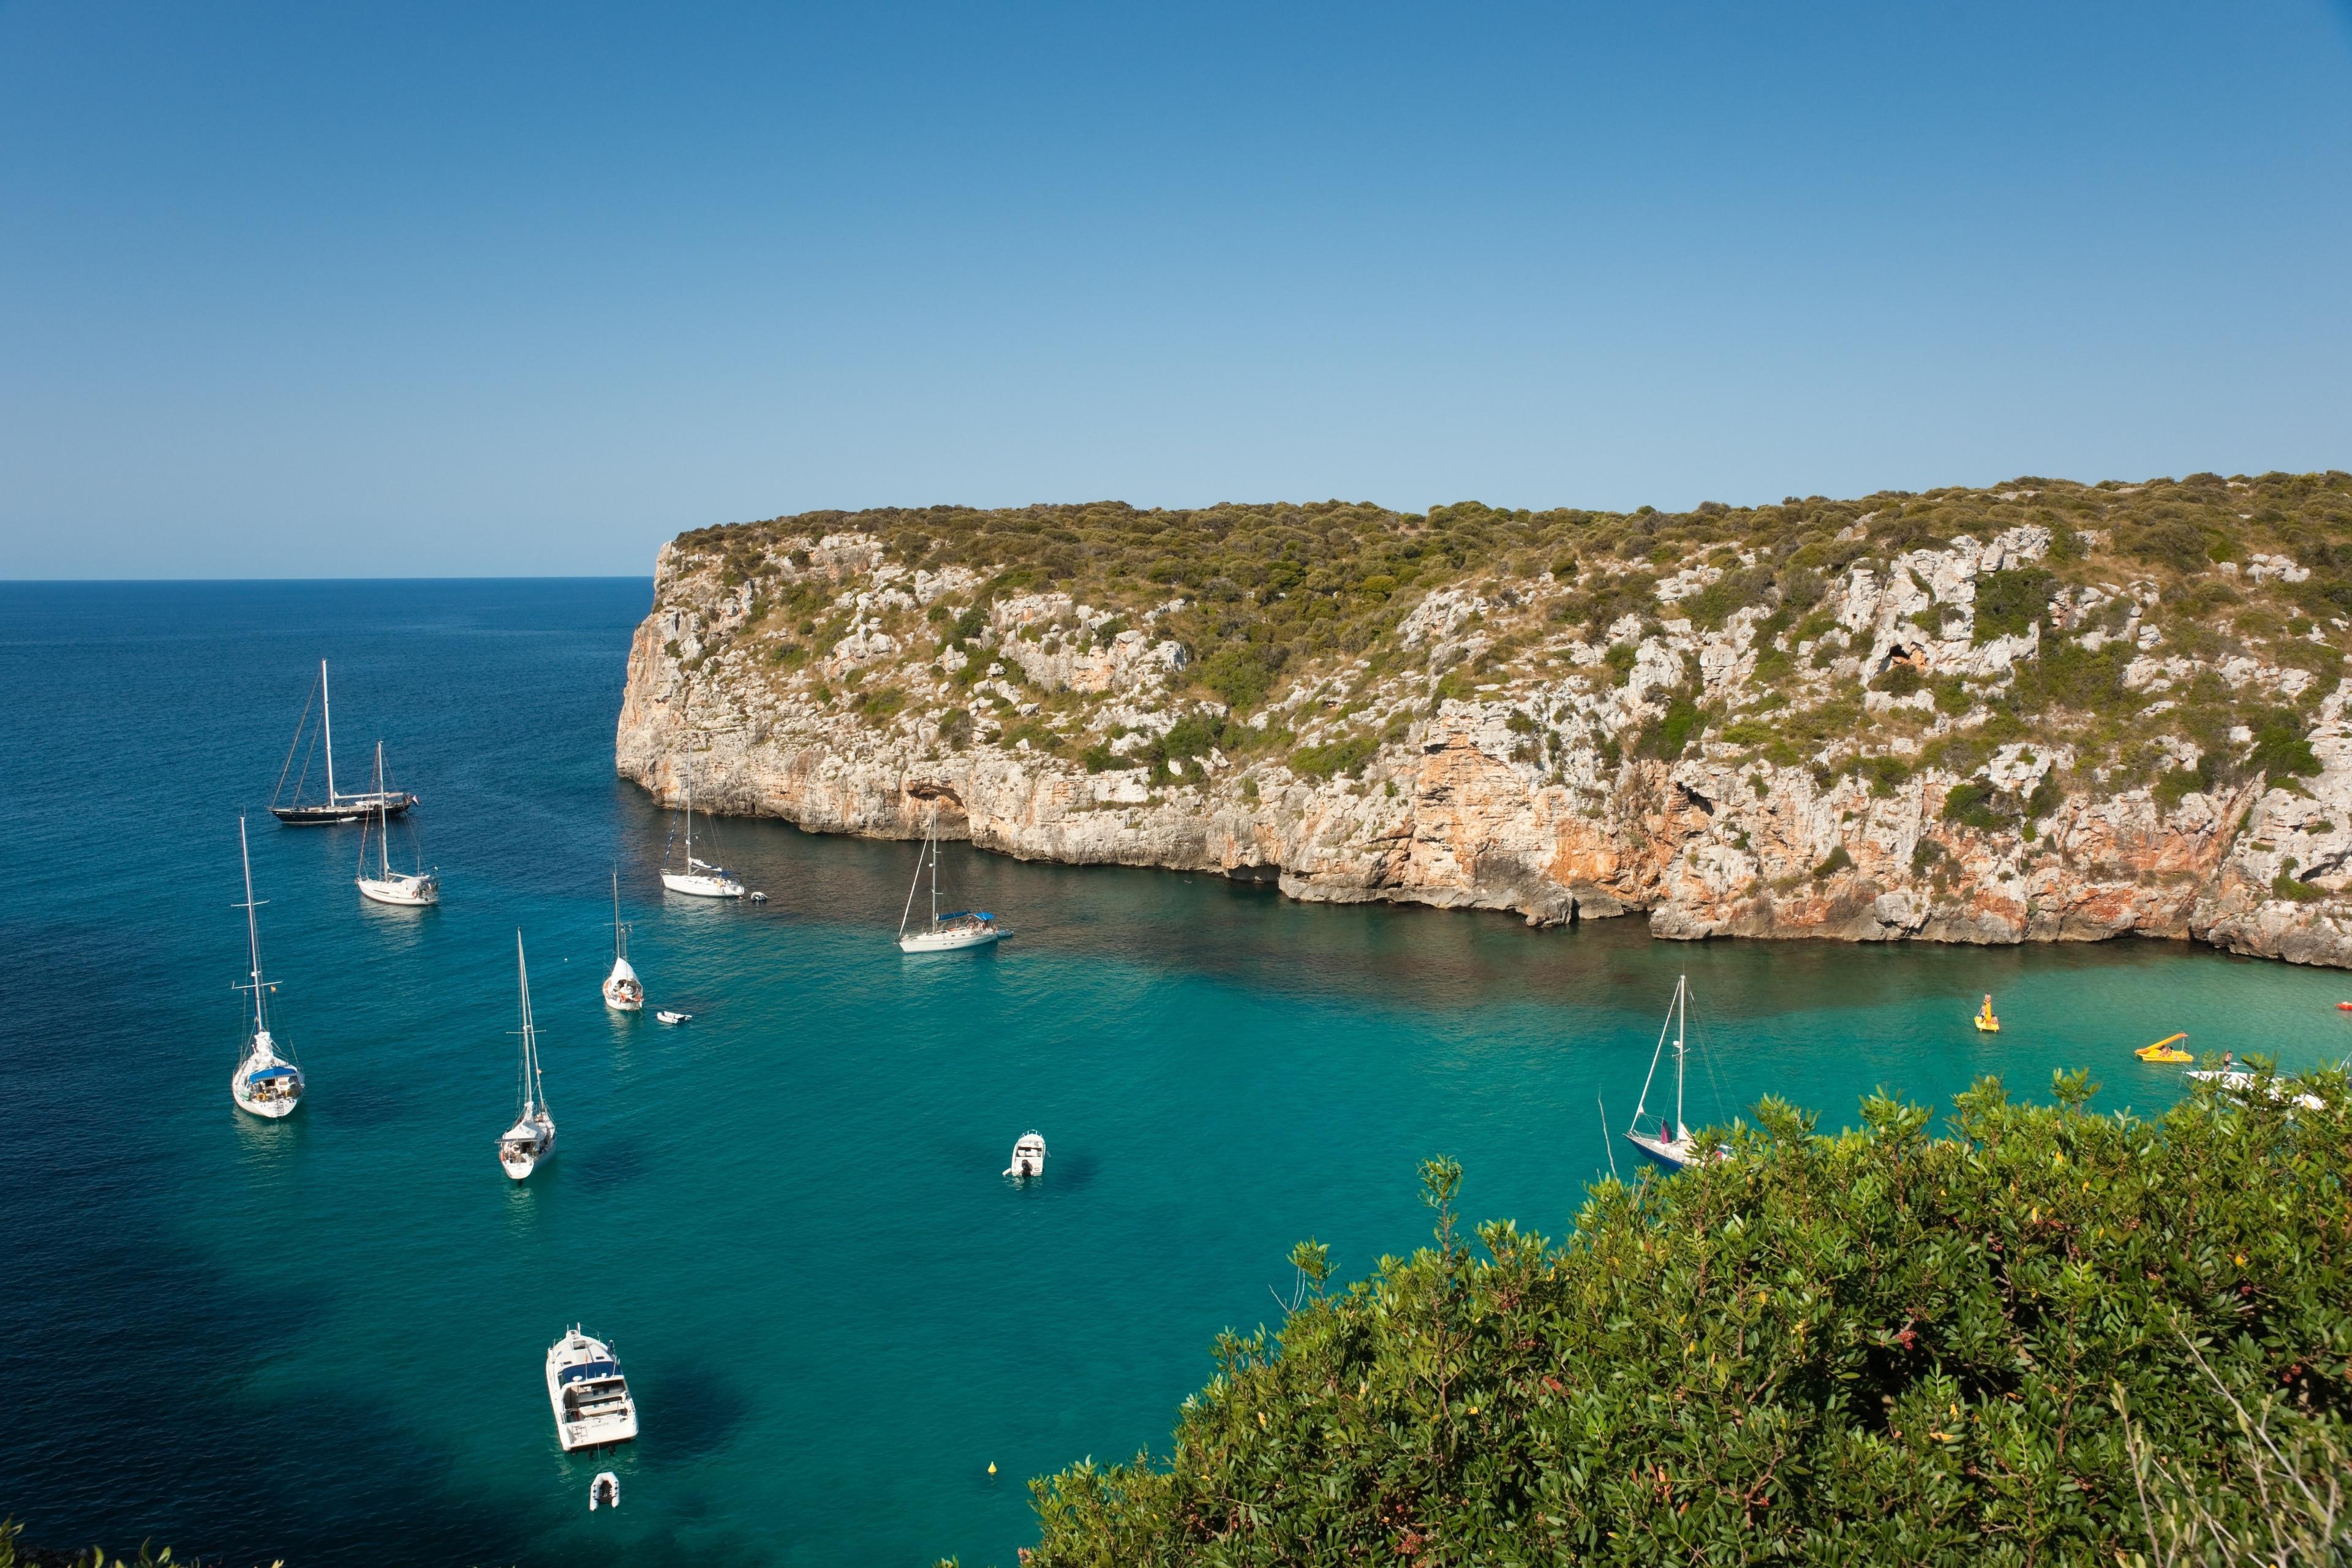 Alayor, Balearic Islands, Spain